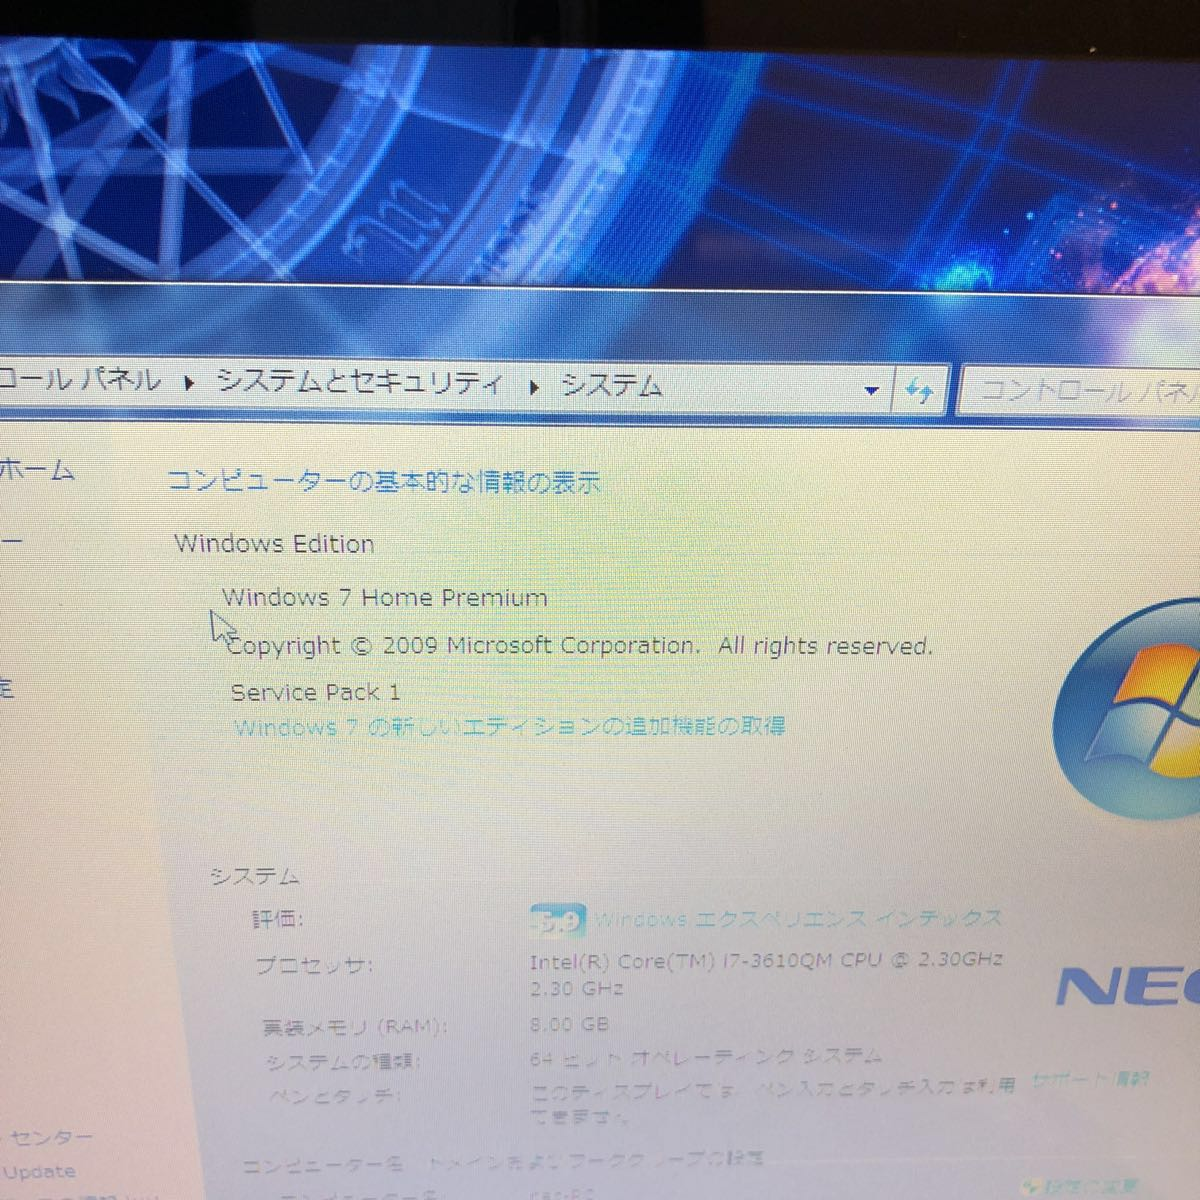 NEC LaVie LL750/H 中古美品 win7 corei7-3610QM 1TB メモリ8GB Blu-rayモデル リカバリ済み_画像3